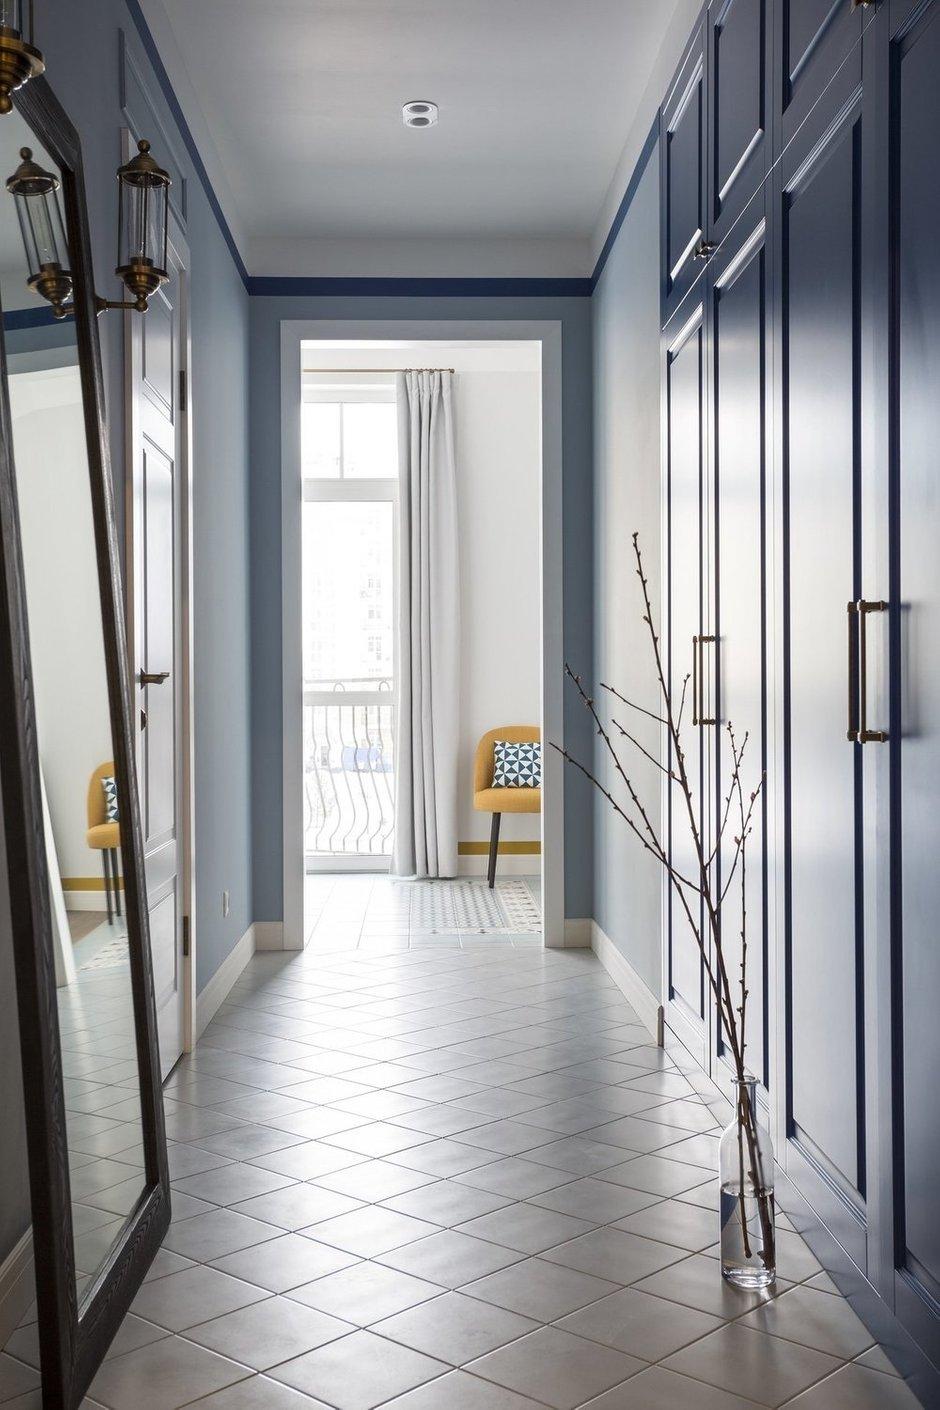 Для чемоданов, бытовых принадлежностей и верхней одежды предусмотрен встроенный шкаф в холле.